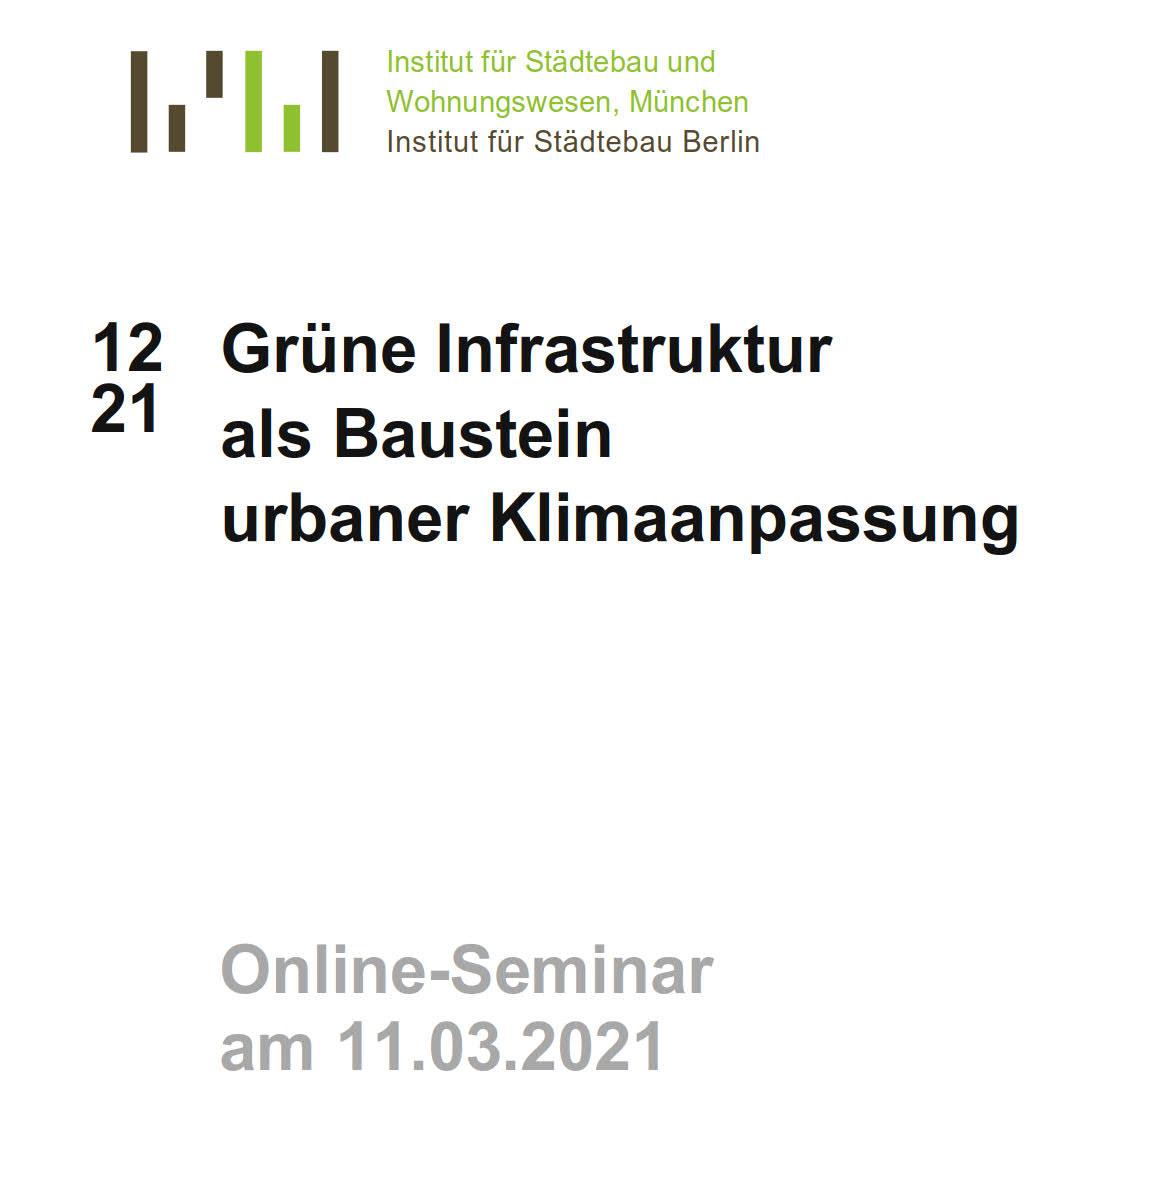 Grüne Infrastruktur als Baustein urbaner Klimaanpassung - Titel lang